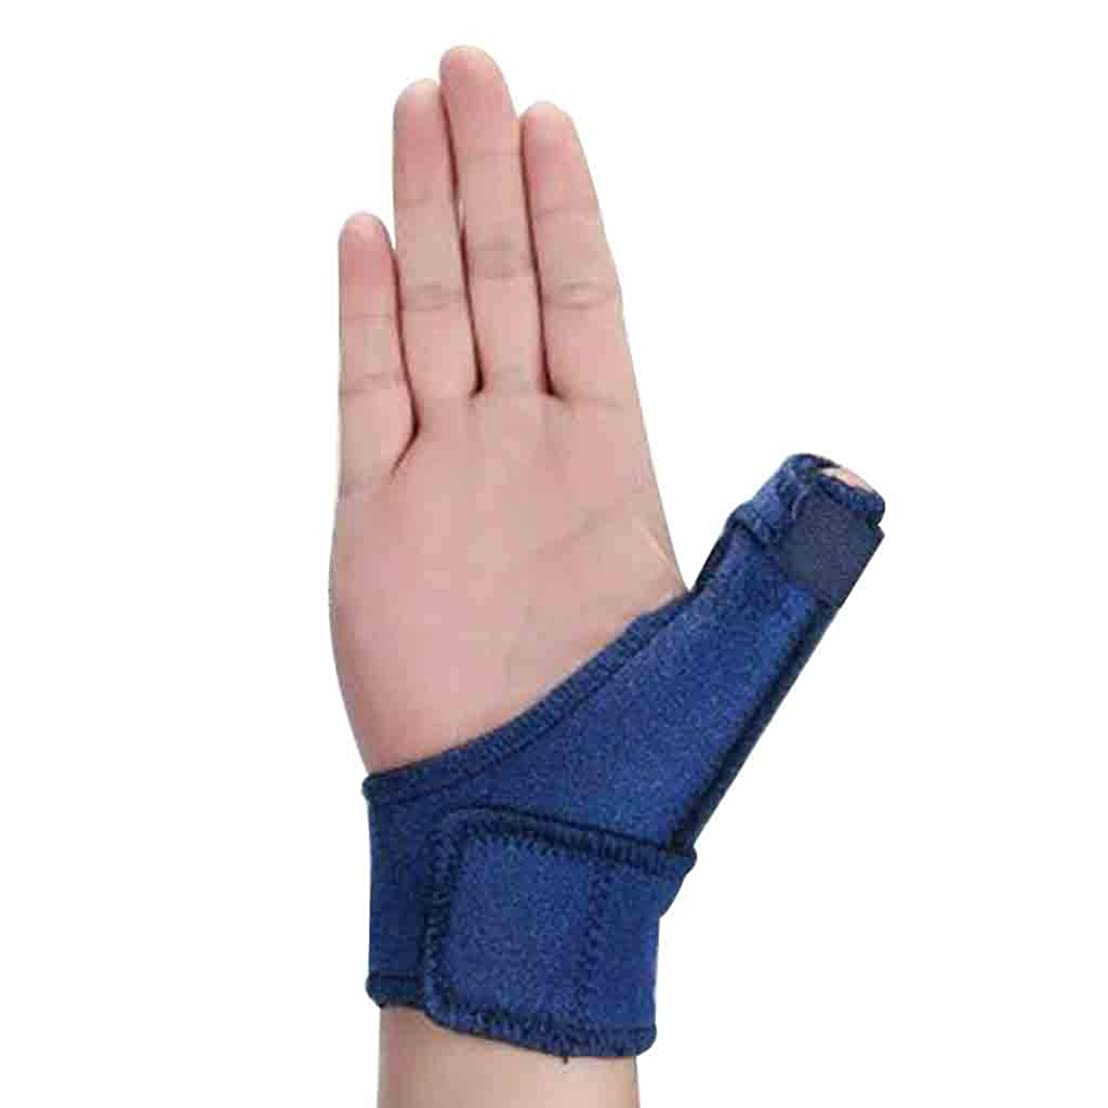 悲鳴忠実にハドルトリガーのための調節可能な親指スプリント親指リストストラップブレース親指スプリント親指関節炎痛み緩和ブレース(1個、ユニセックス、左&右の手青) Roscloud@